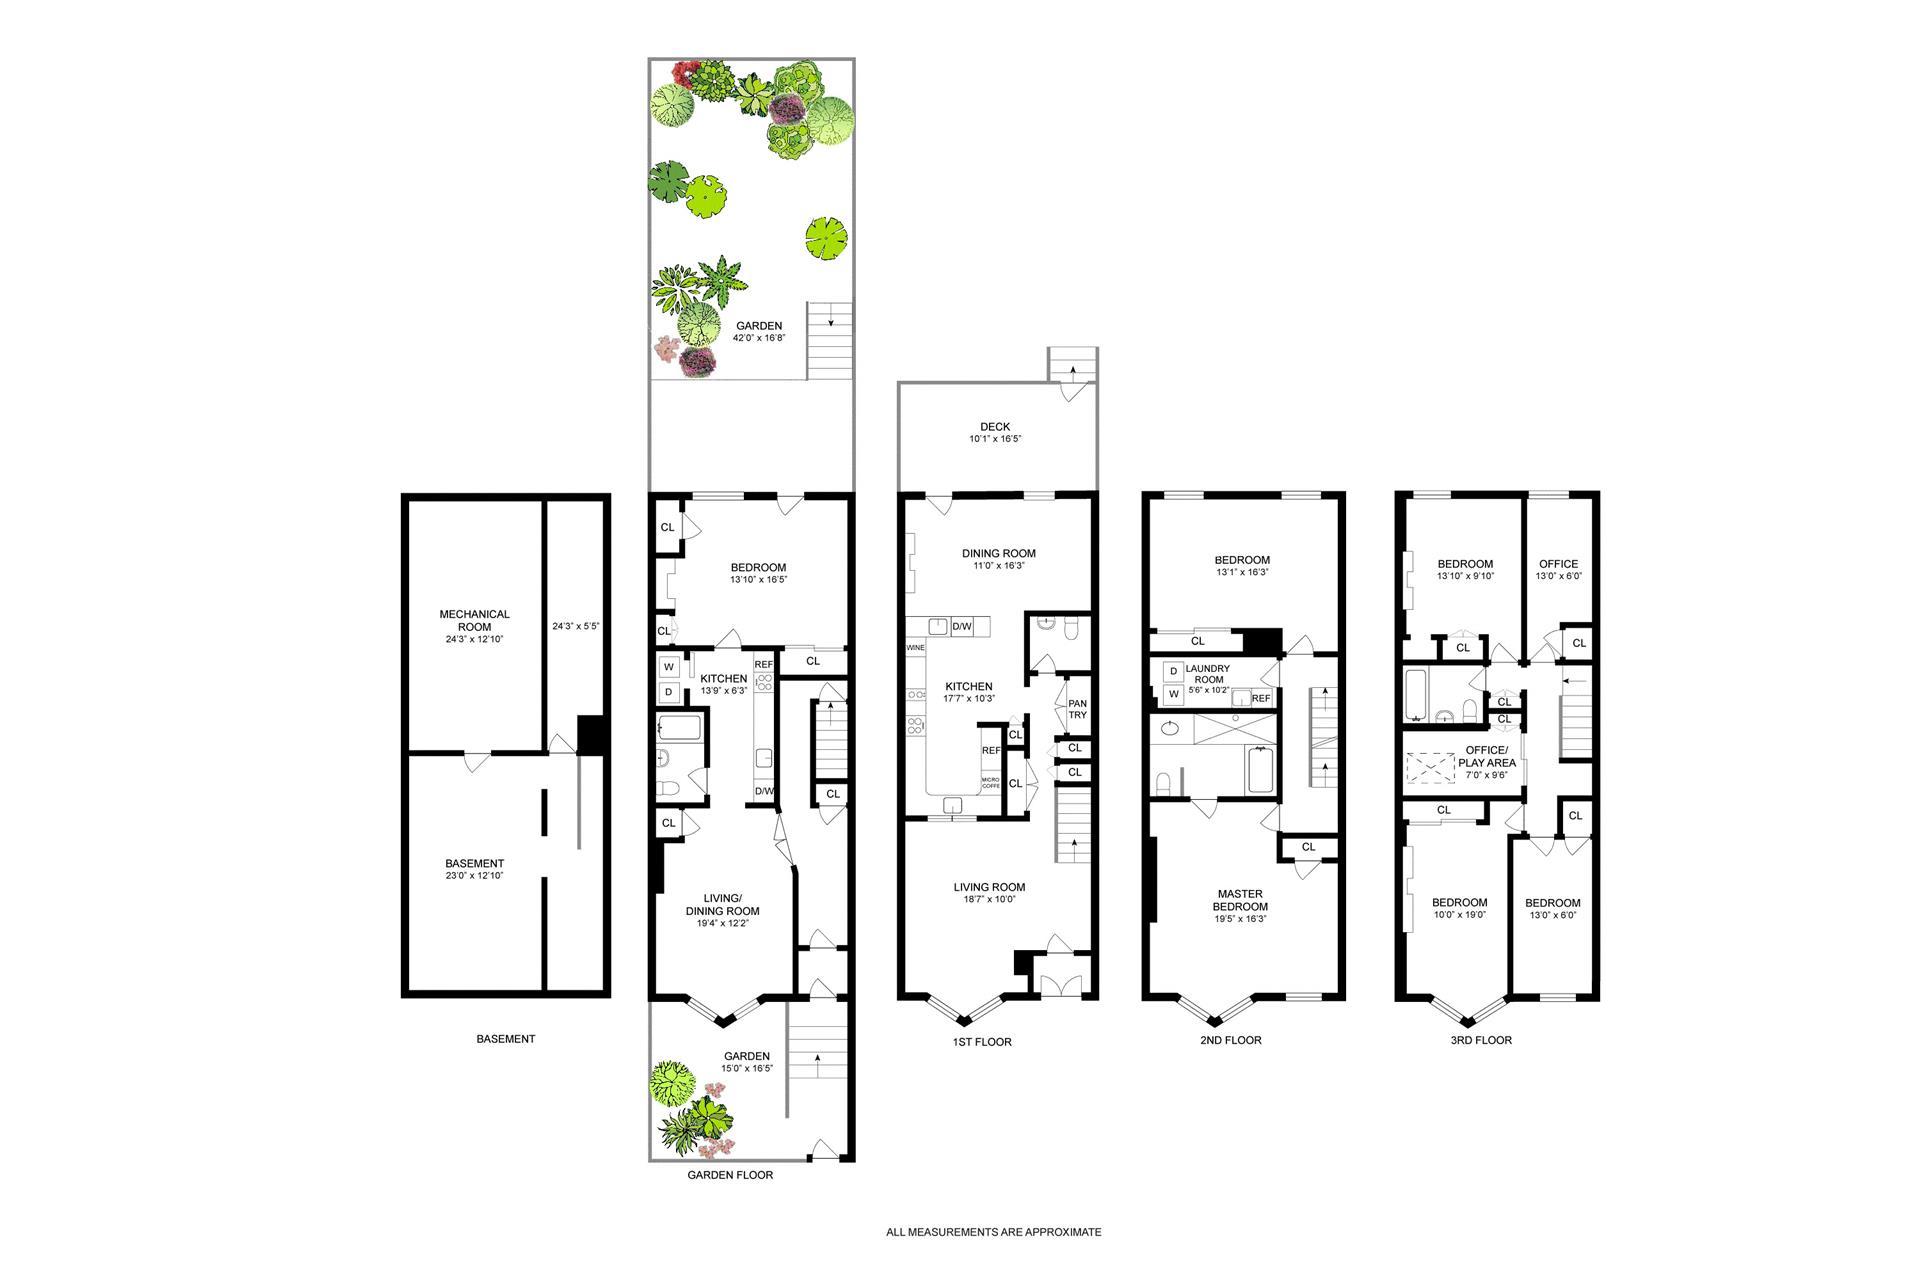 Floor plan of 121 St Johns Pl - Park Slope, New York